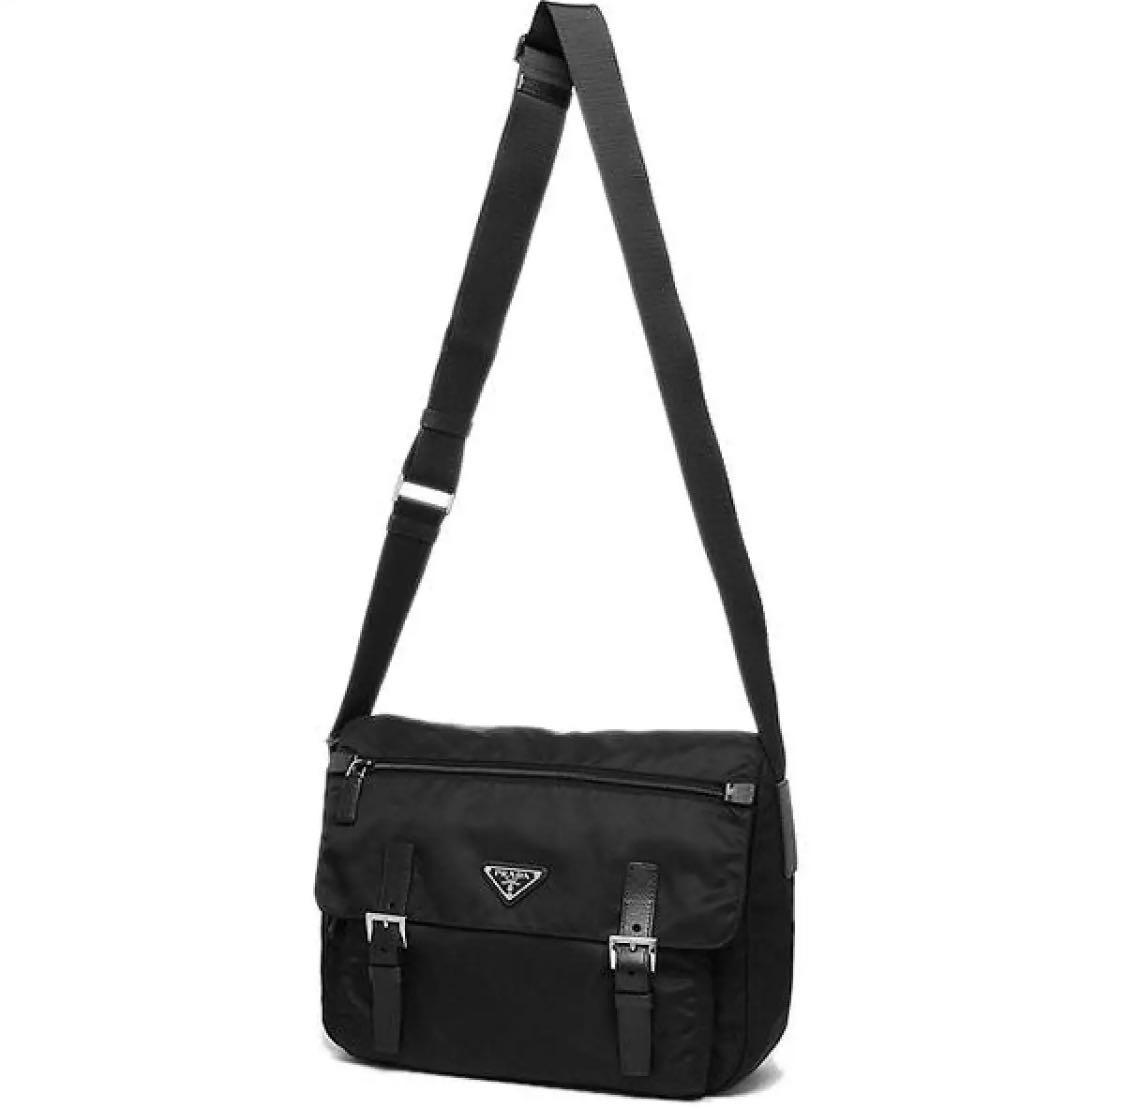 5cfac2ceff Prada messenger bag [SALE], Luxury, Bags & Wallets, Sling Bags on ...